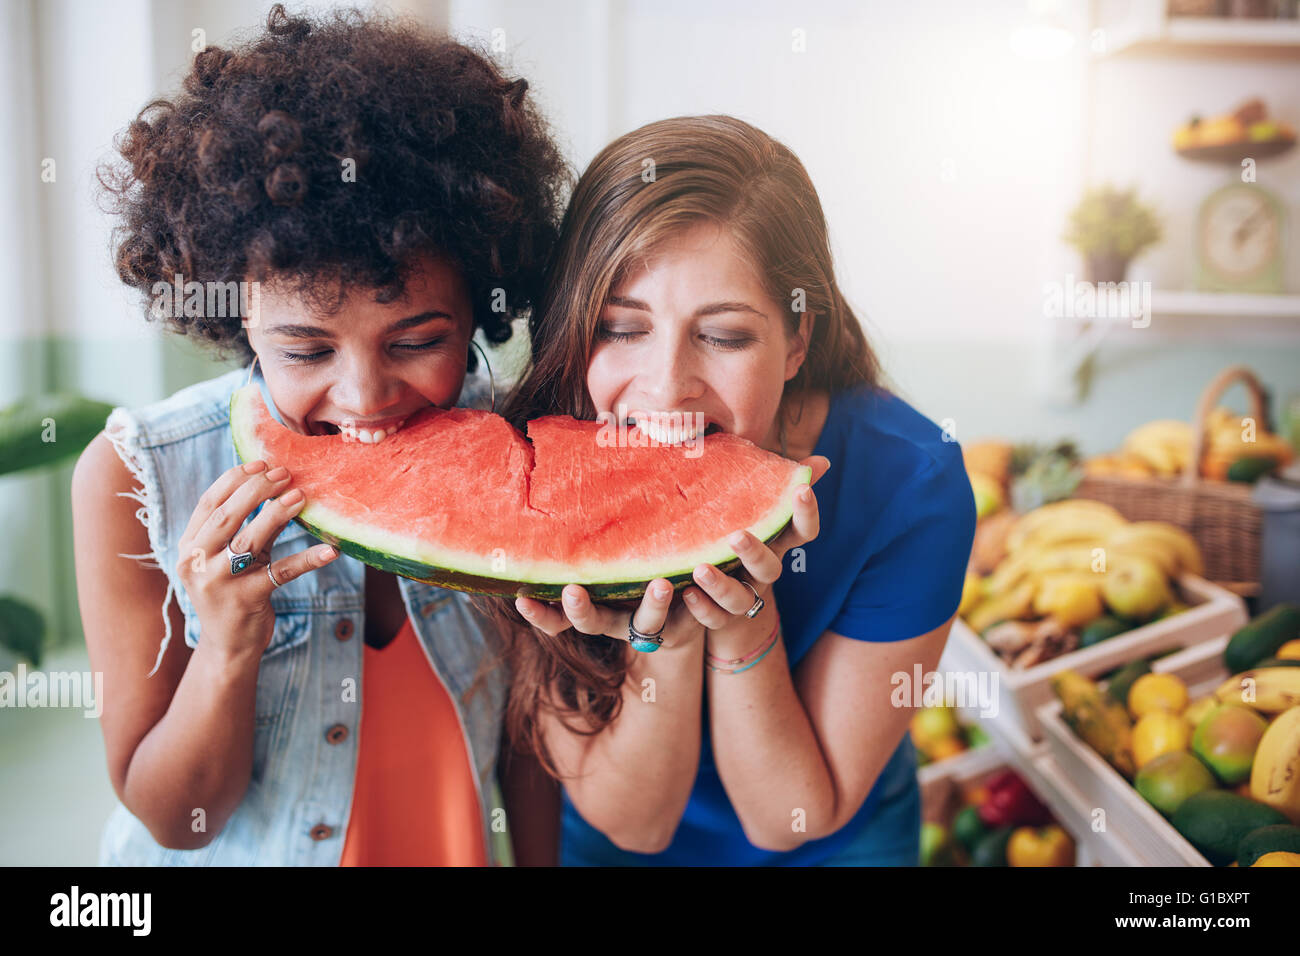 Dos joven Comiendo Sandía y divertirse. Hembra de raza mixta amigos comiendo una rebanada de sandía. Imagen De Stock